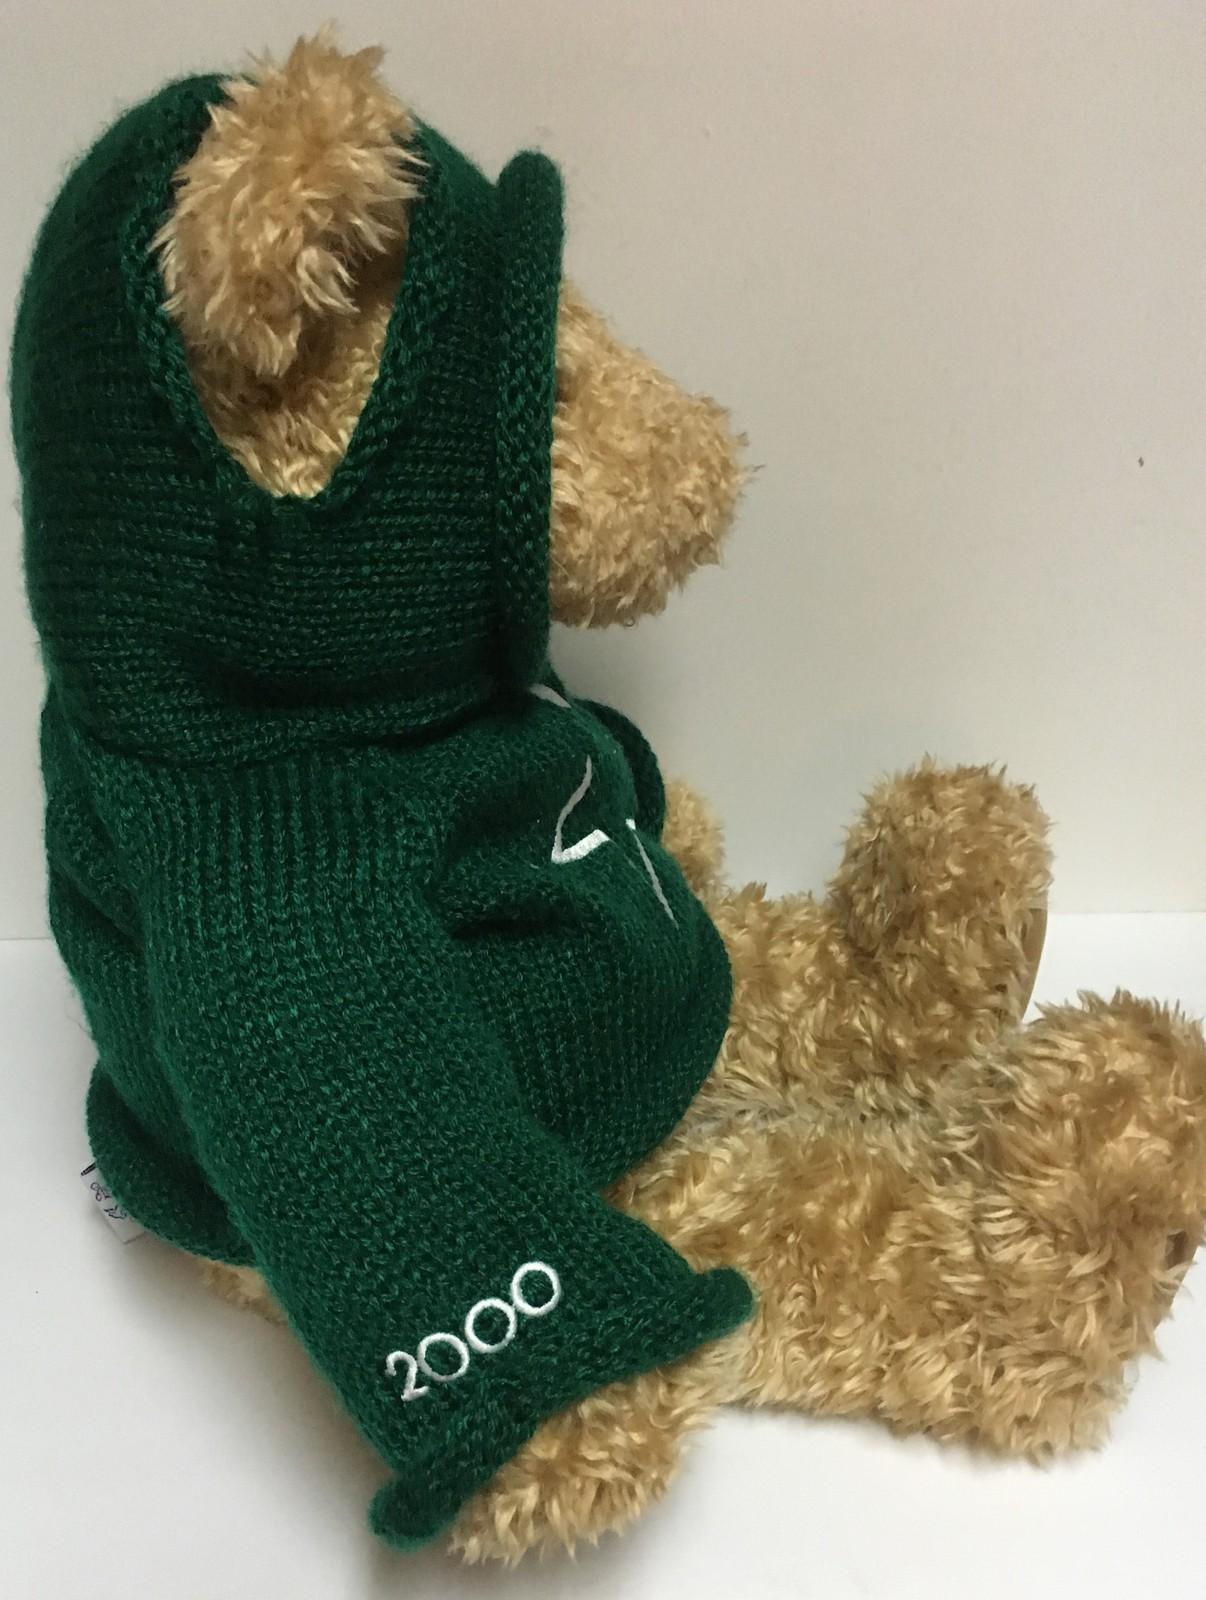 """Gund Millennial 2000 HOPE Teddy Bear 25"""" Free Shipping"""